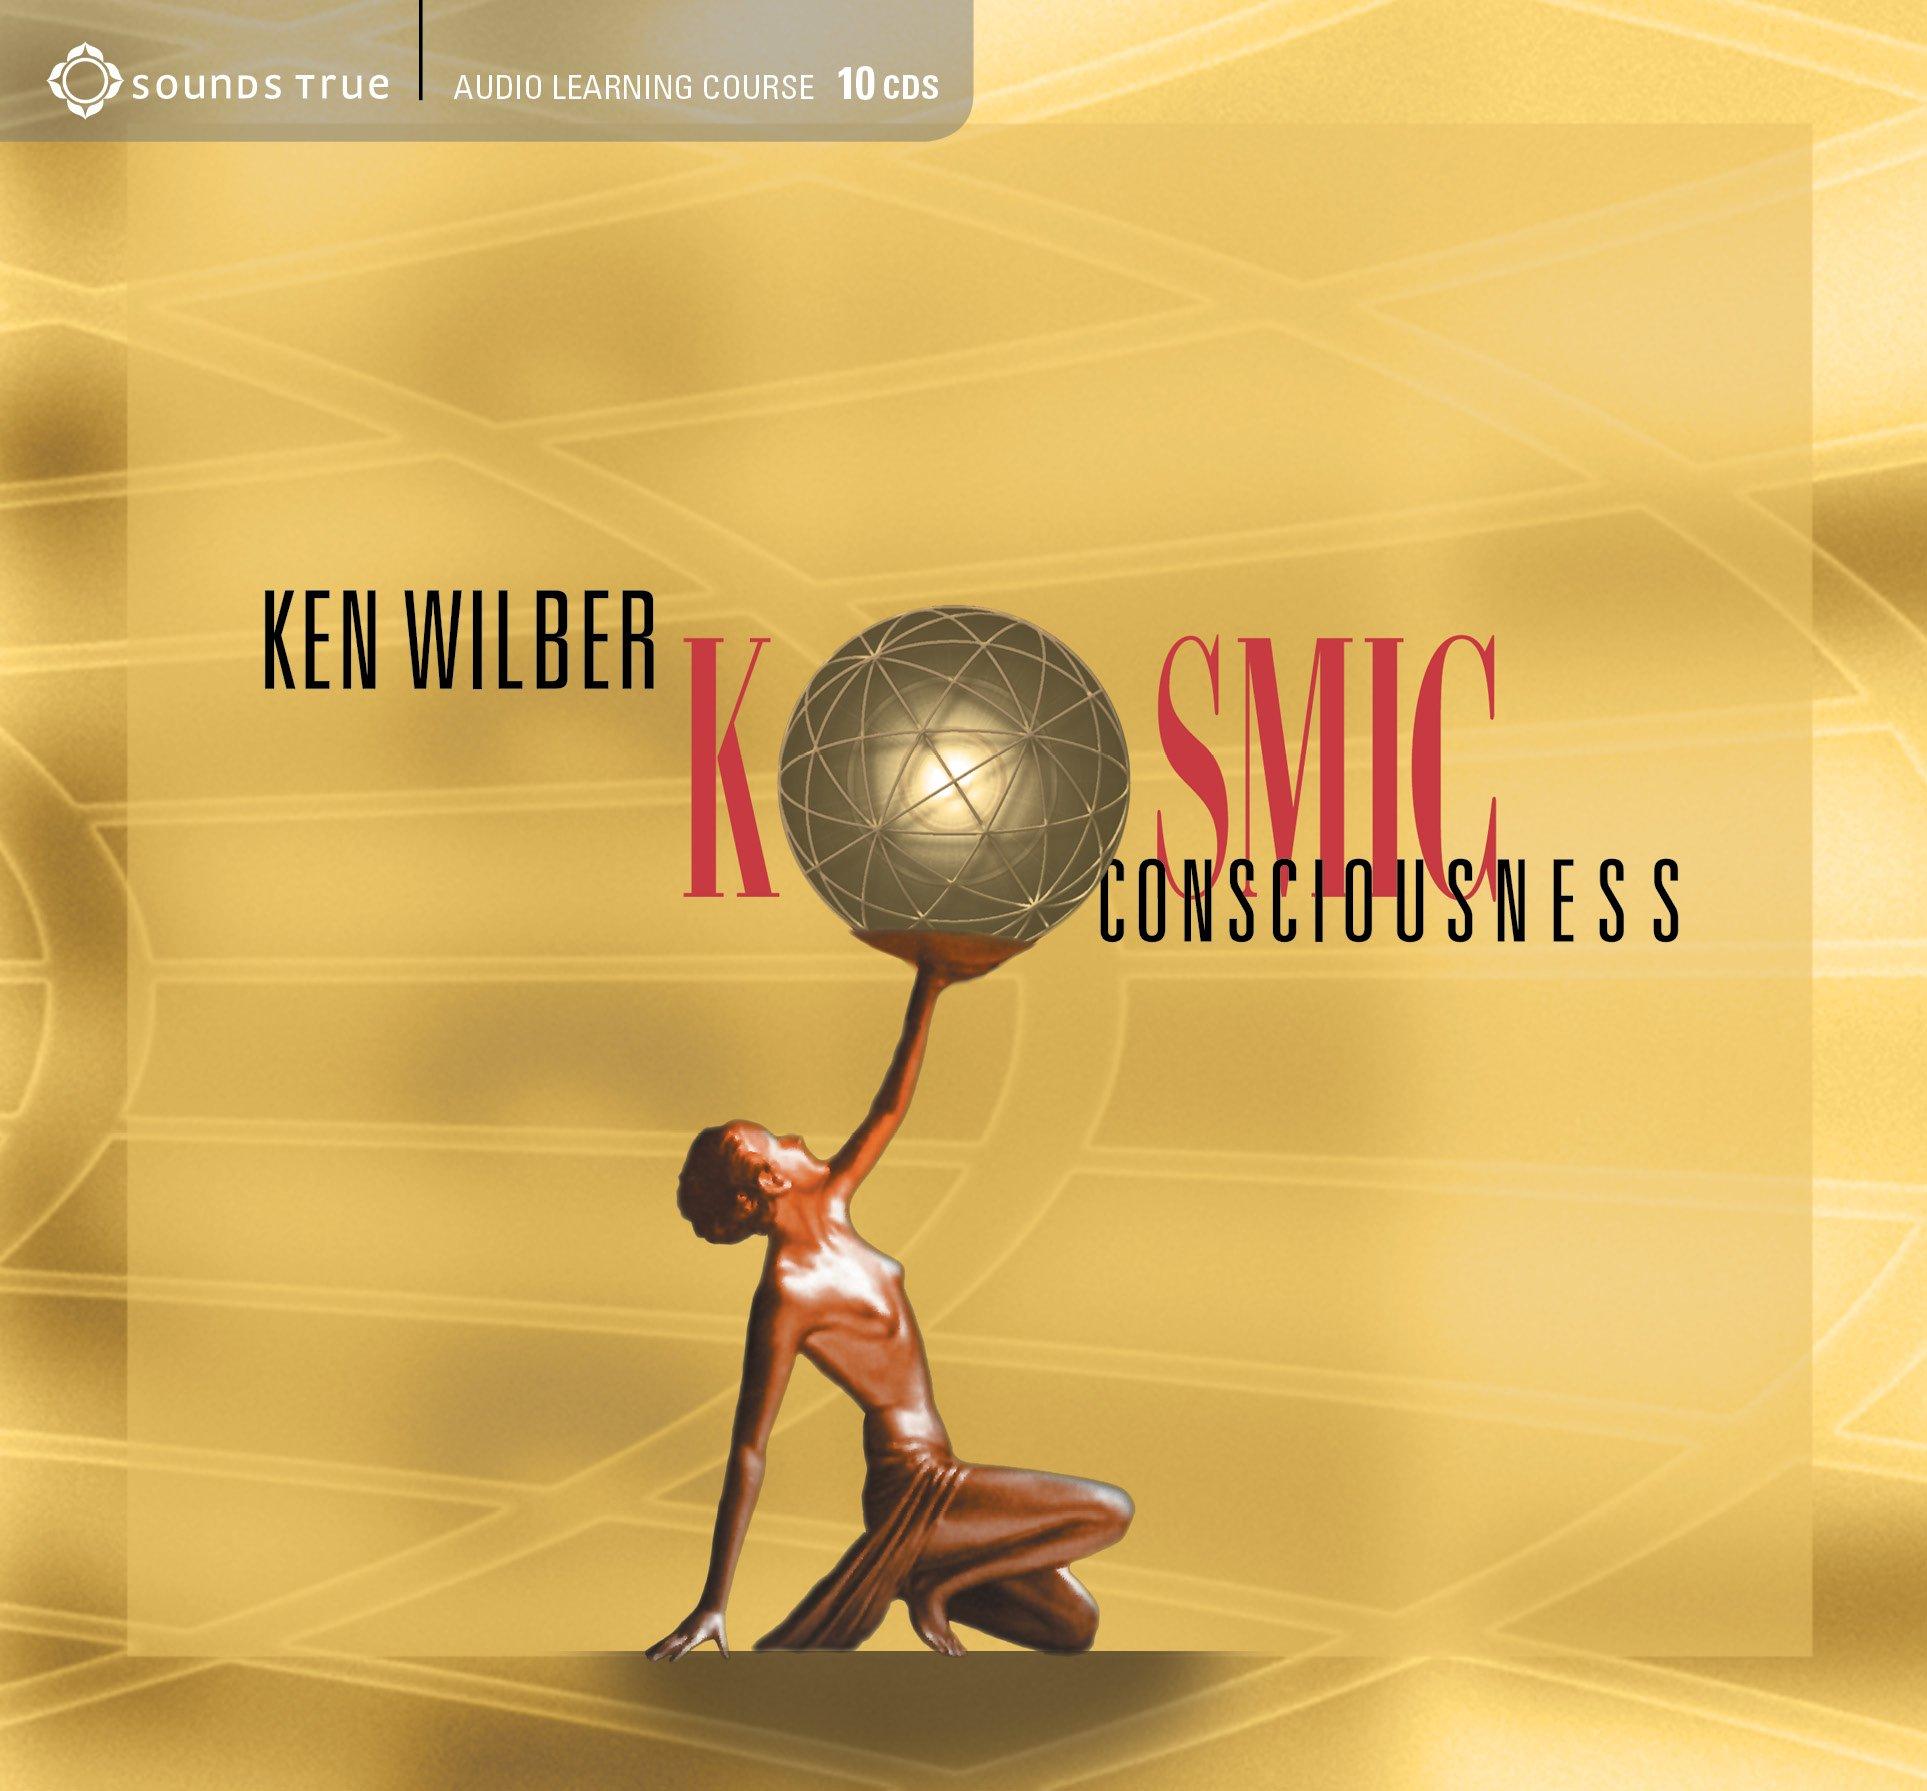 Kosmic Consciousness by Brand: Sounds True